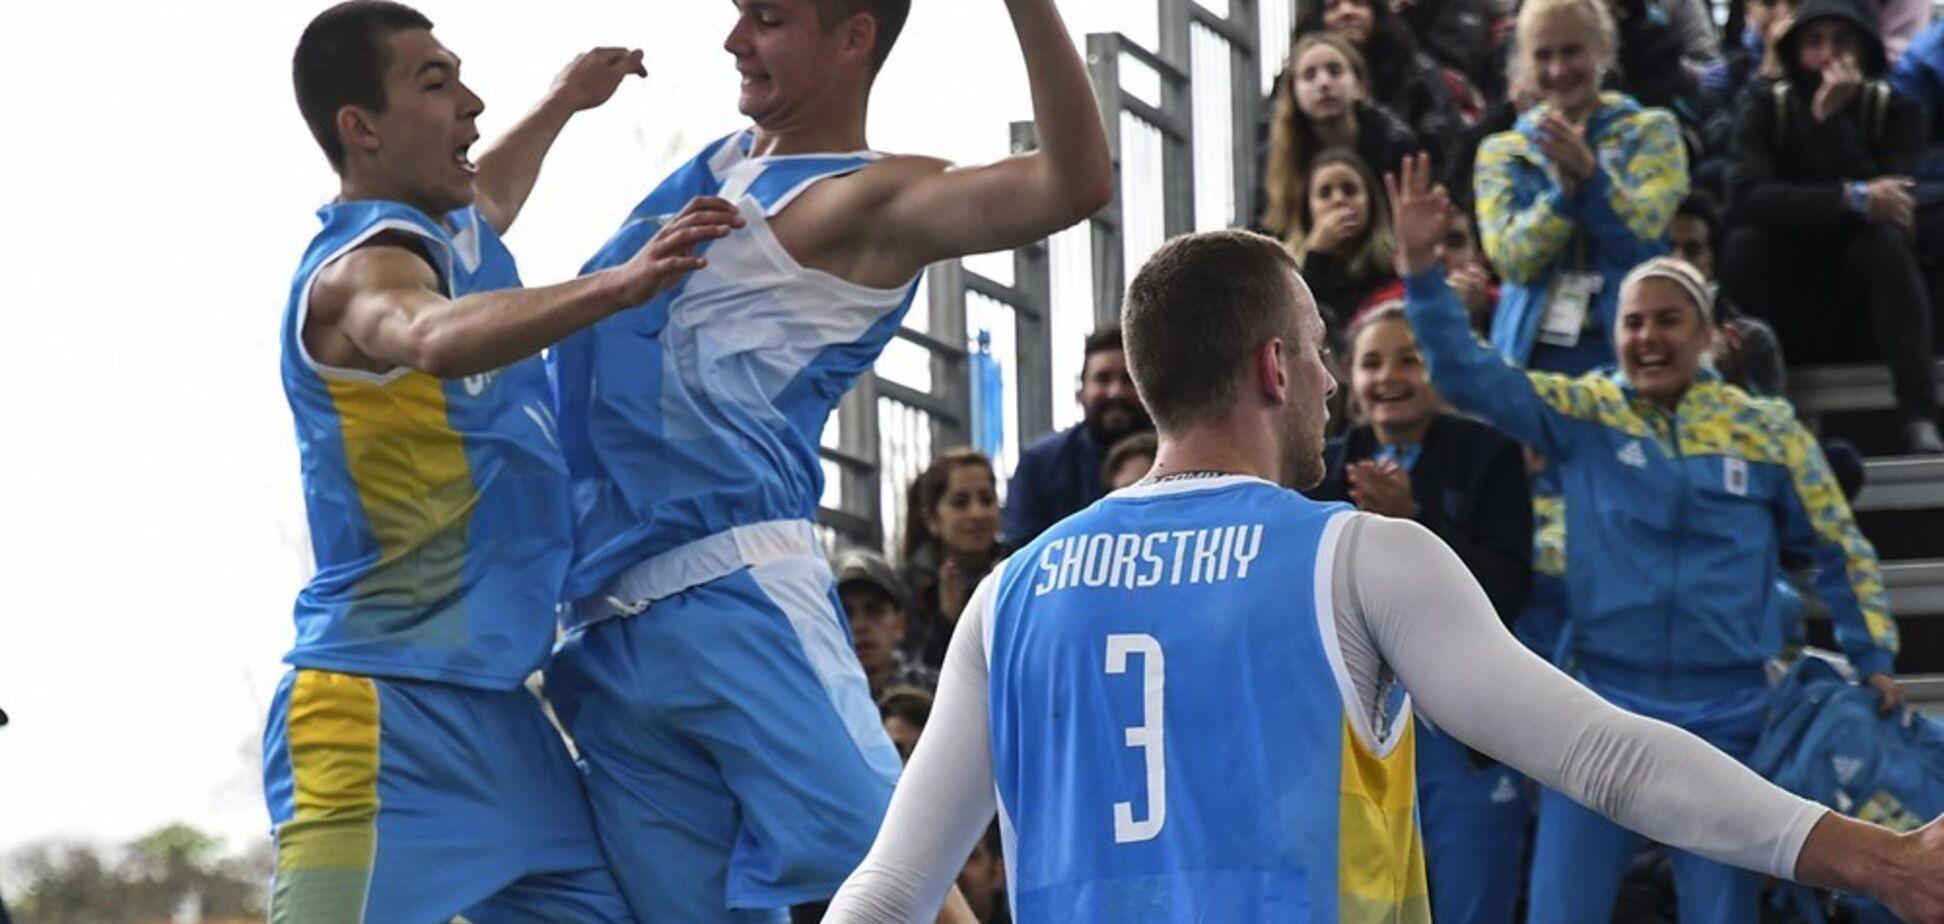 Українці з першого місця вийшли до чвертьфіналу ЮОІ-2018 в баскетболі 3х3